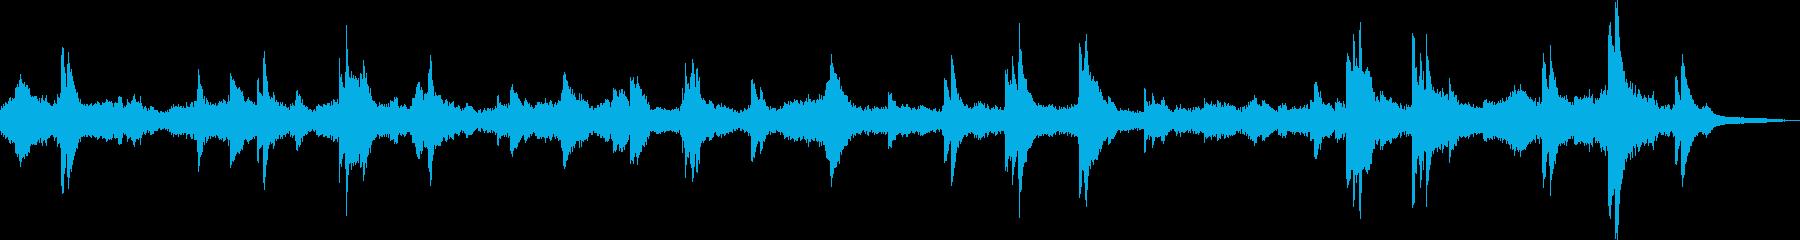 不穏で不気味なピアノBGMの再生済みの波形